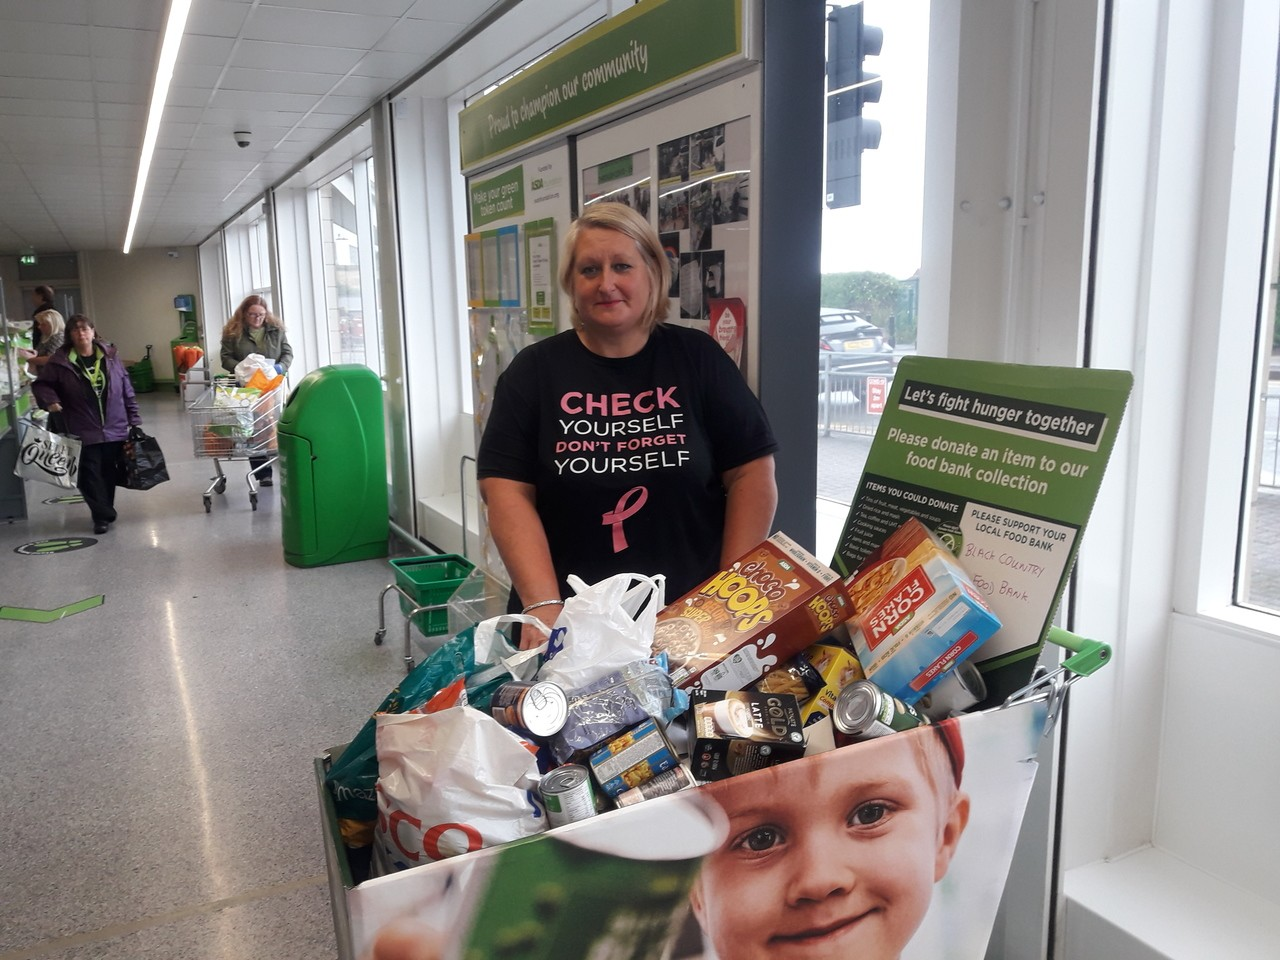 Donation to food bank | Asda Sedgley